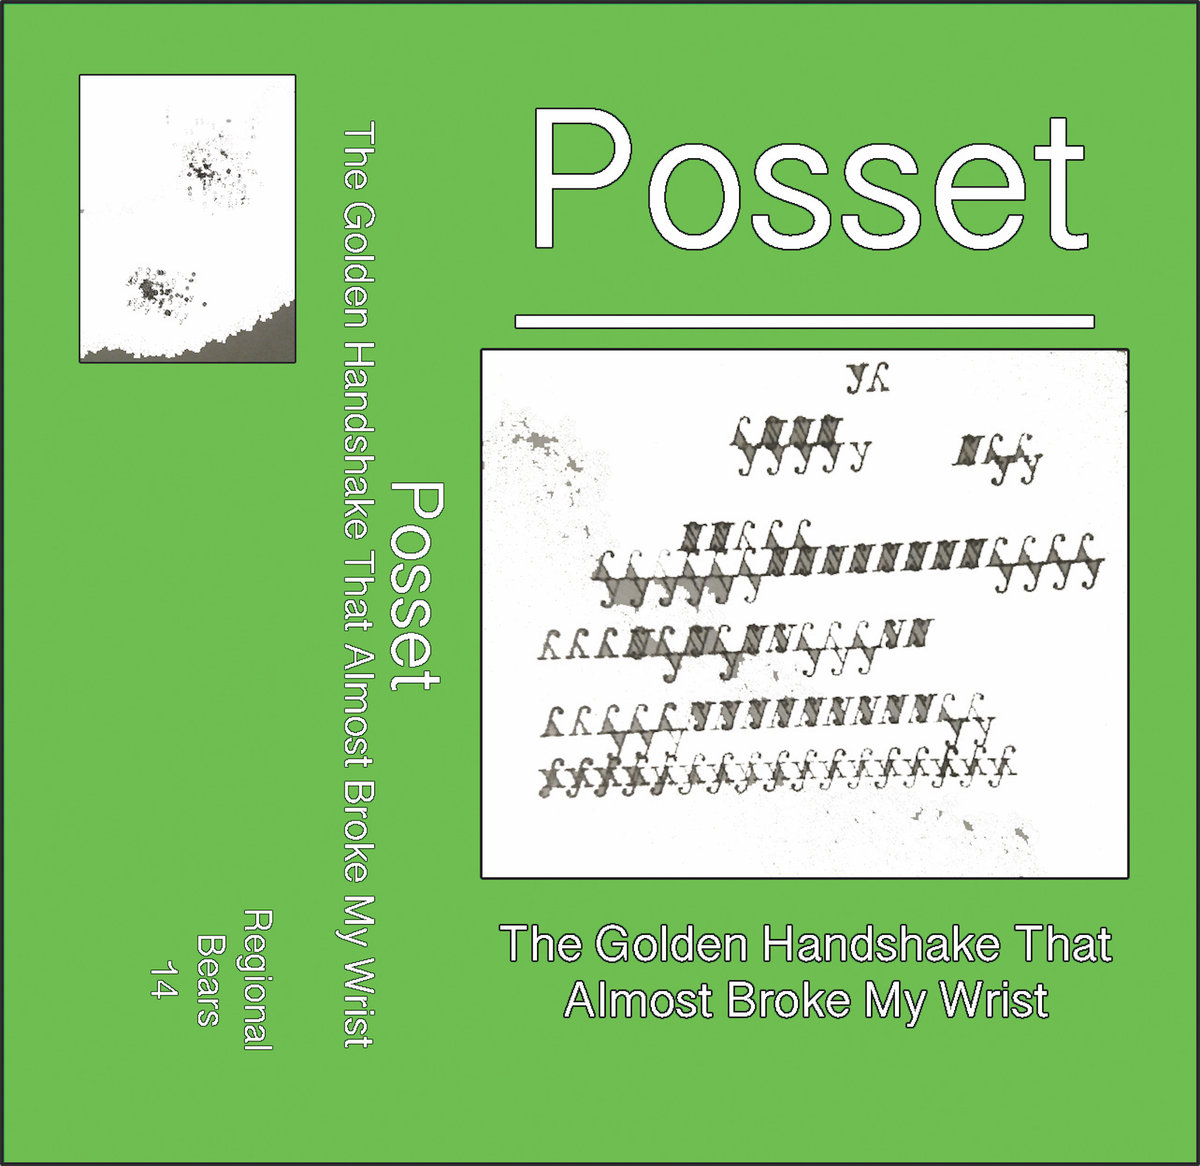 Posset cassette on regional bears